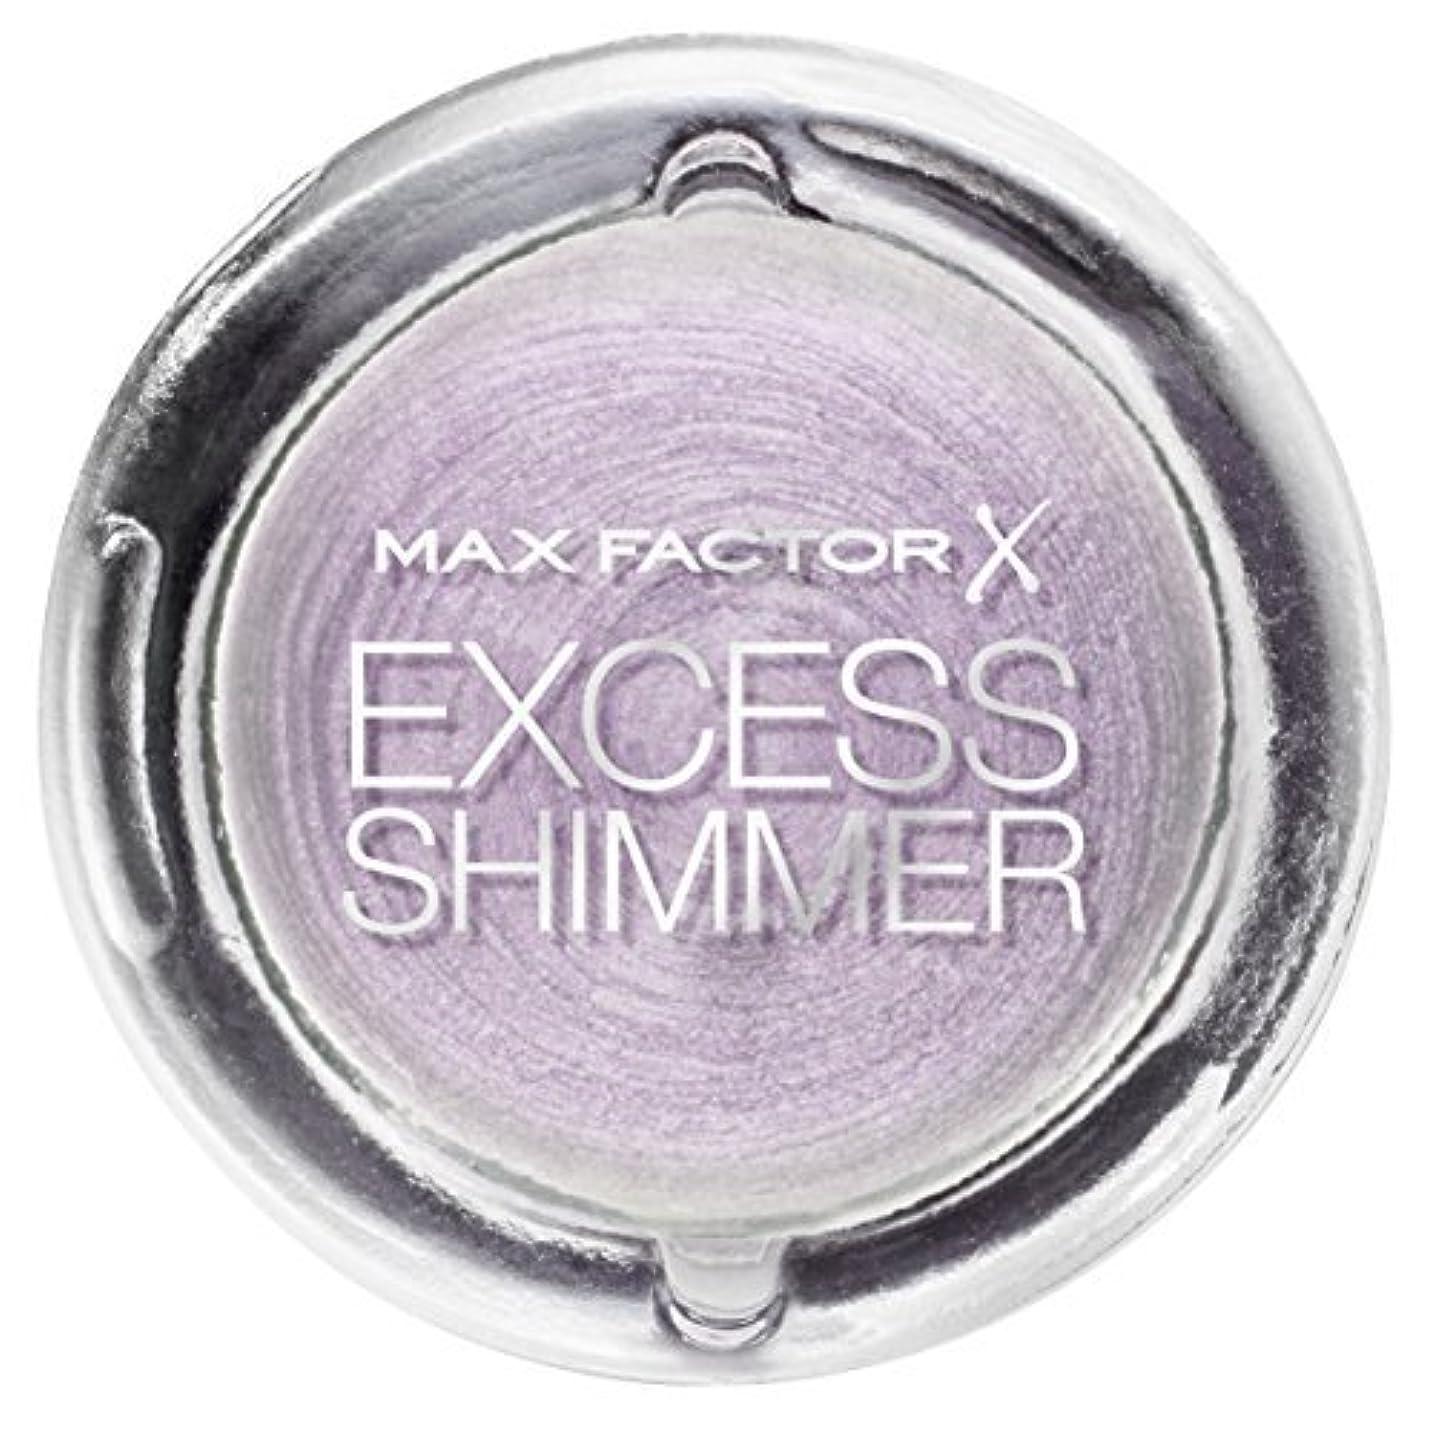 熟達効果的飲み込むExcess Shimmer Eyeshadow by Max Factor Pink Opal 15 by Max Factor